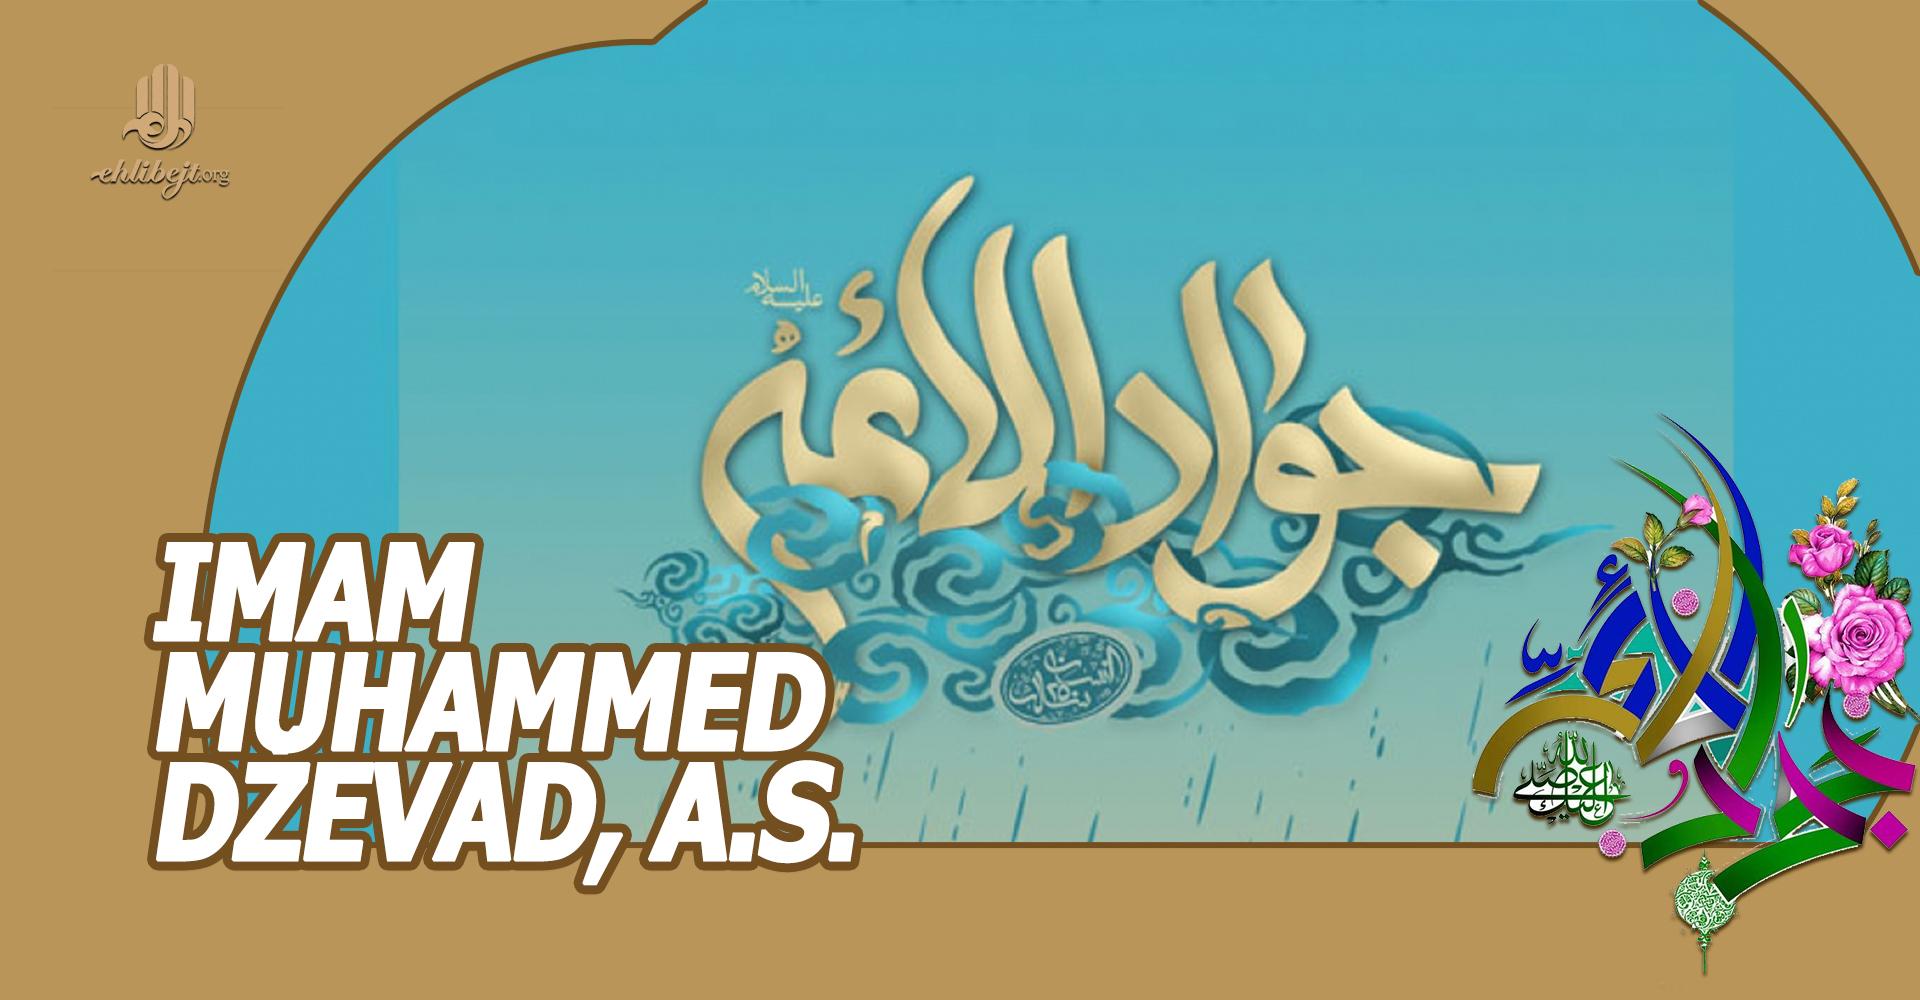 Imam Muhammed Dževad, a.s.